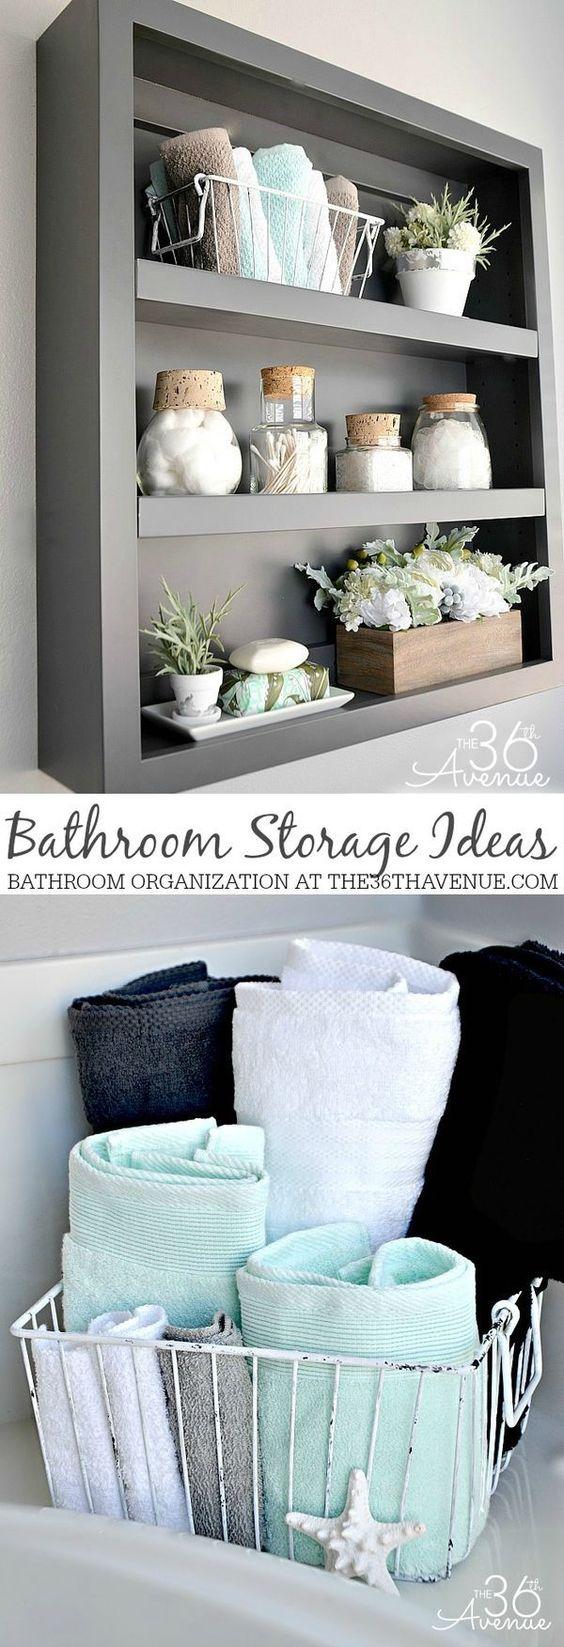 Meubles pour salle de bains, idées de rangement and salle de bains ...